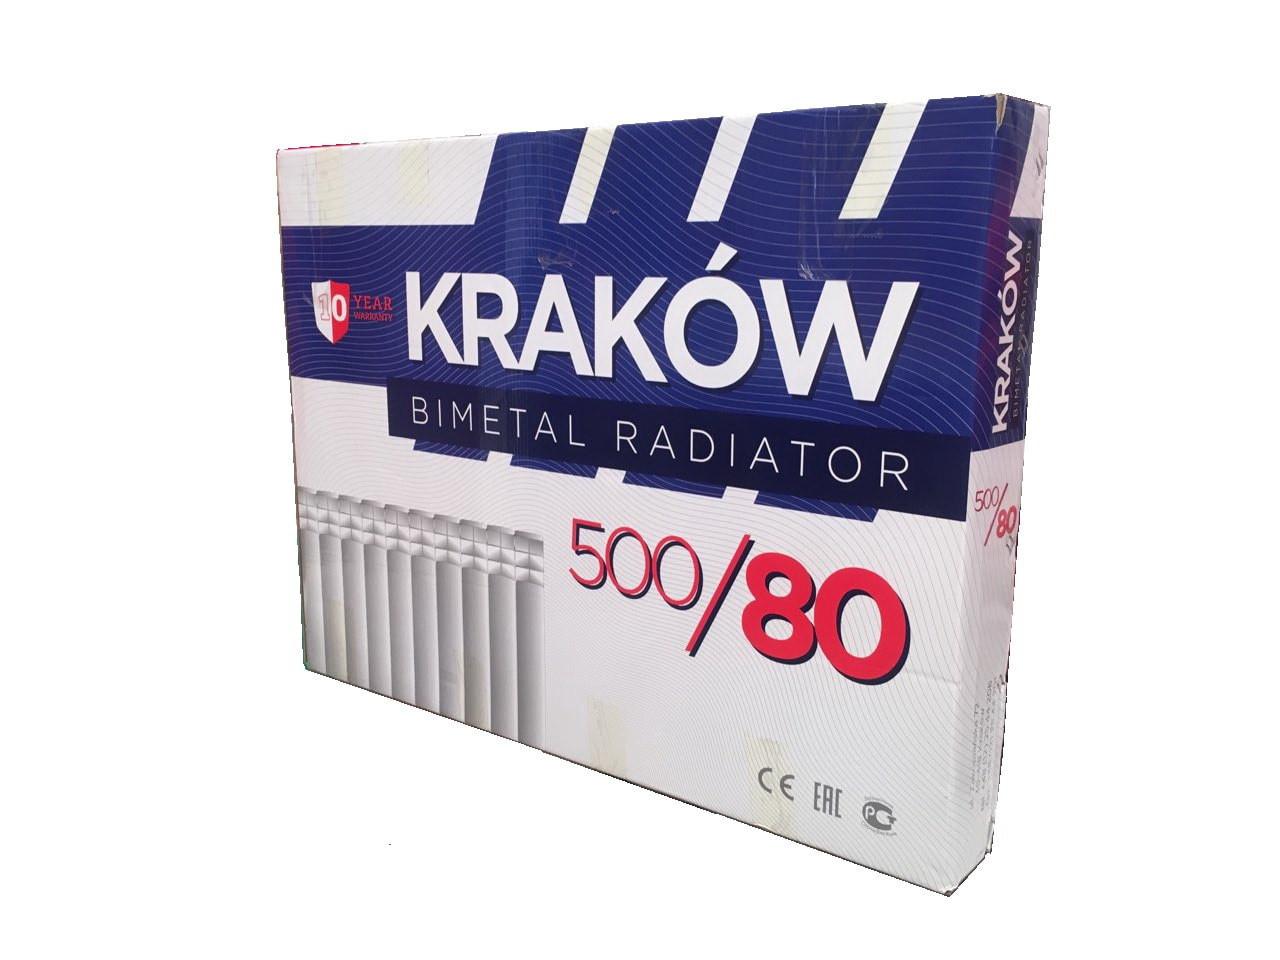 Биметаллический радиатор Krakow.Радиаторы для квартиры.